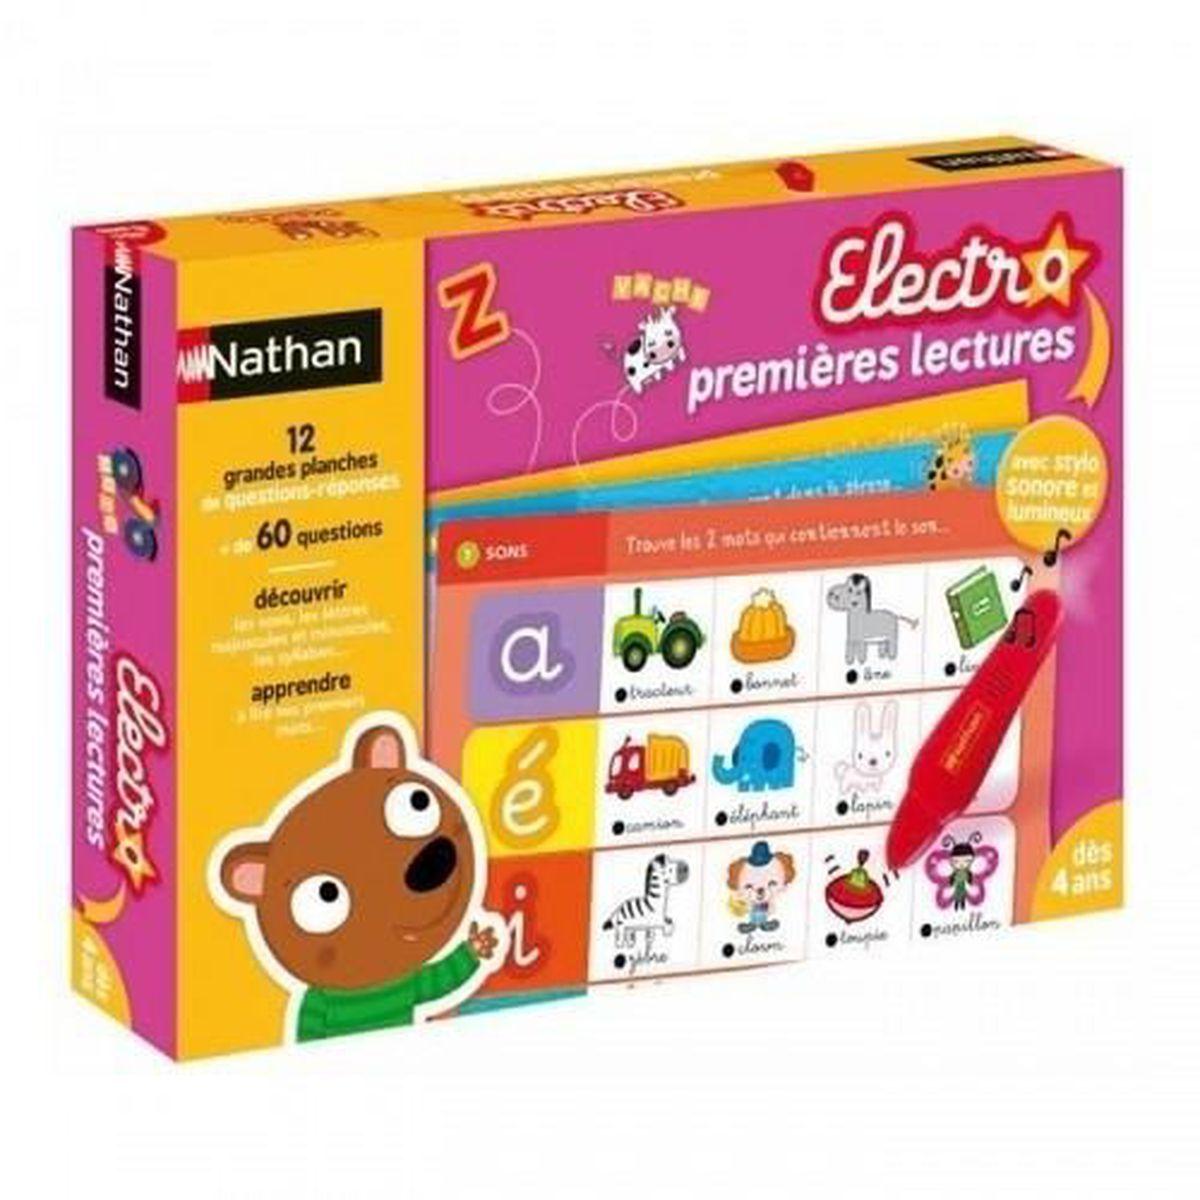 CONSOLE ÉDUCATIVE NATHAN - Jeu Electro Premières Lecture